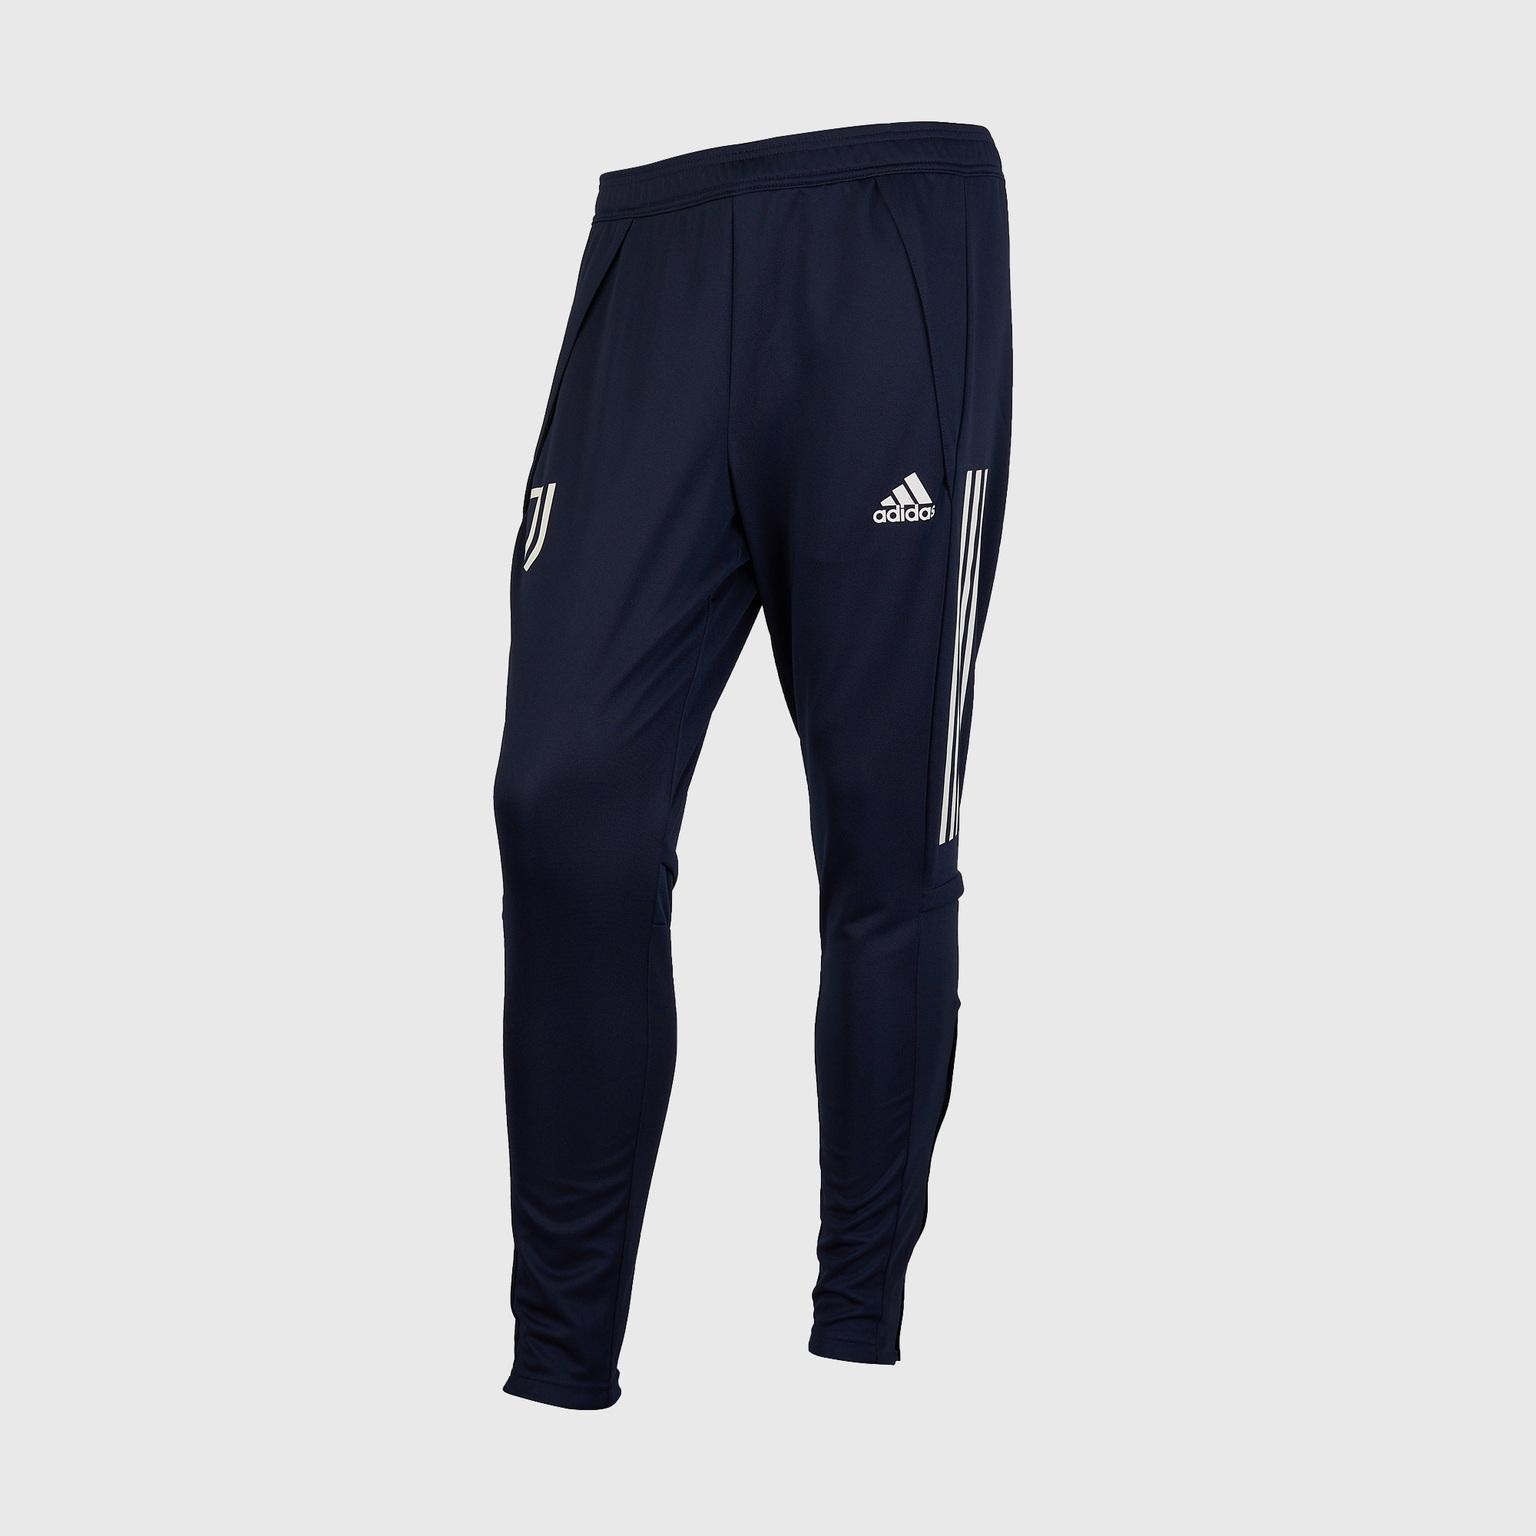 Брюки тренировочные Adidas Juventus сезон 2020/21 шорты тренировочные adidas real madrid сезон 2020 21